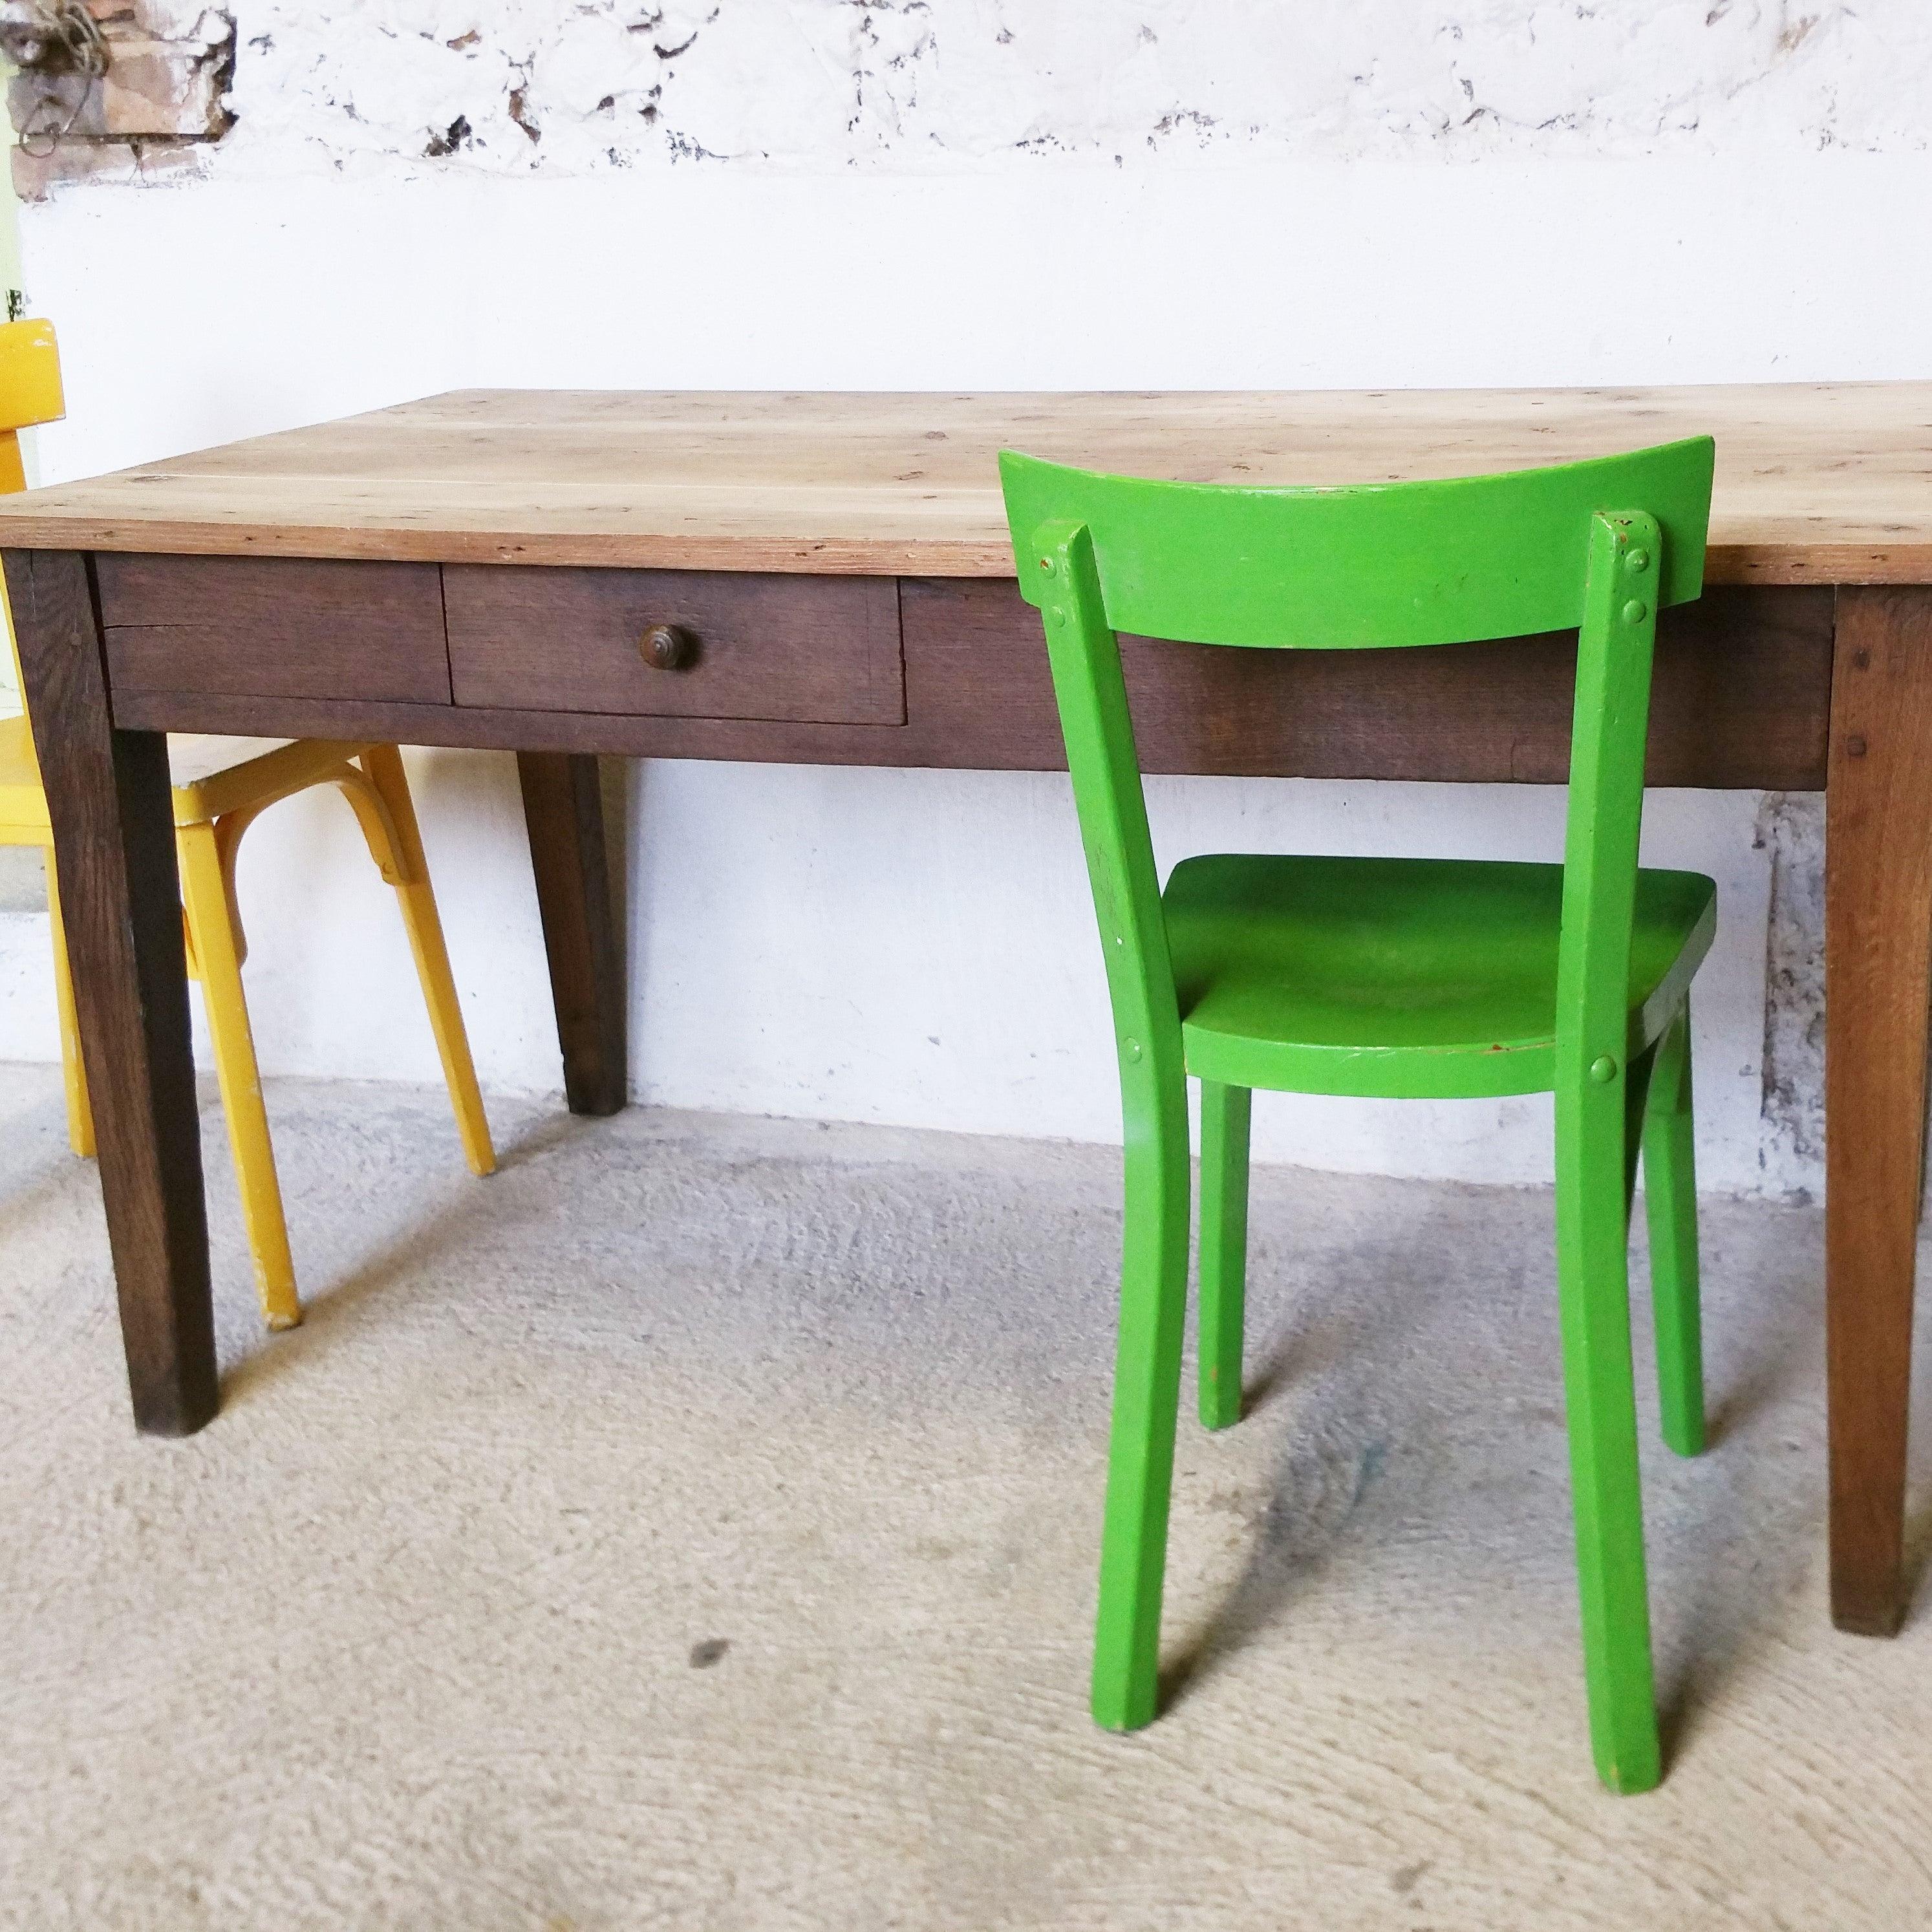 Table de ferme en bois naturel fibresendeco vannerie artisanale& mobilier vintage # Table En Bois Naturel